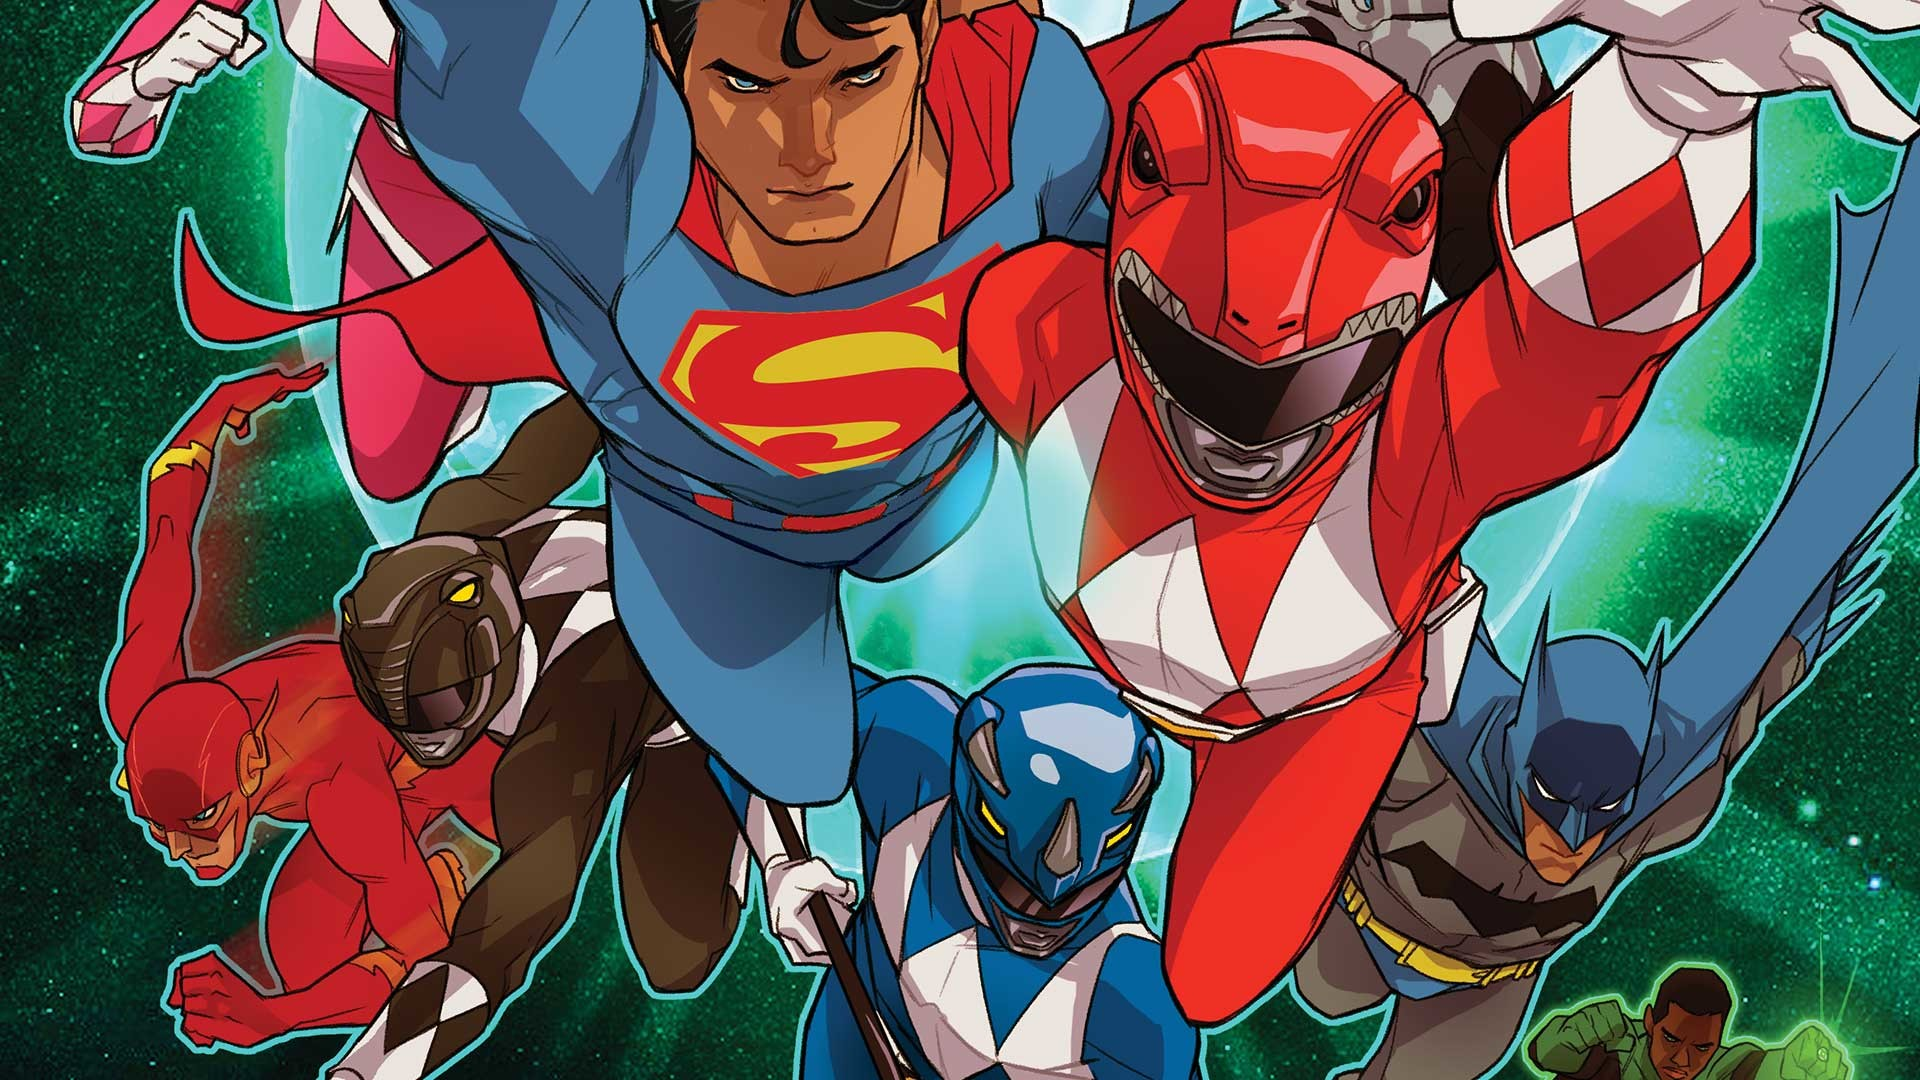 Power Rangers HD Wallpaper – WallpaperSafari